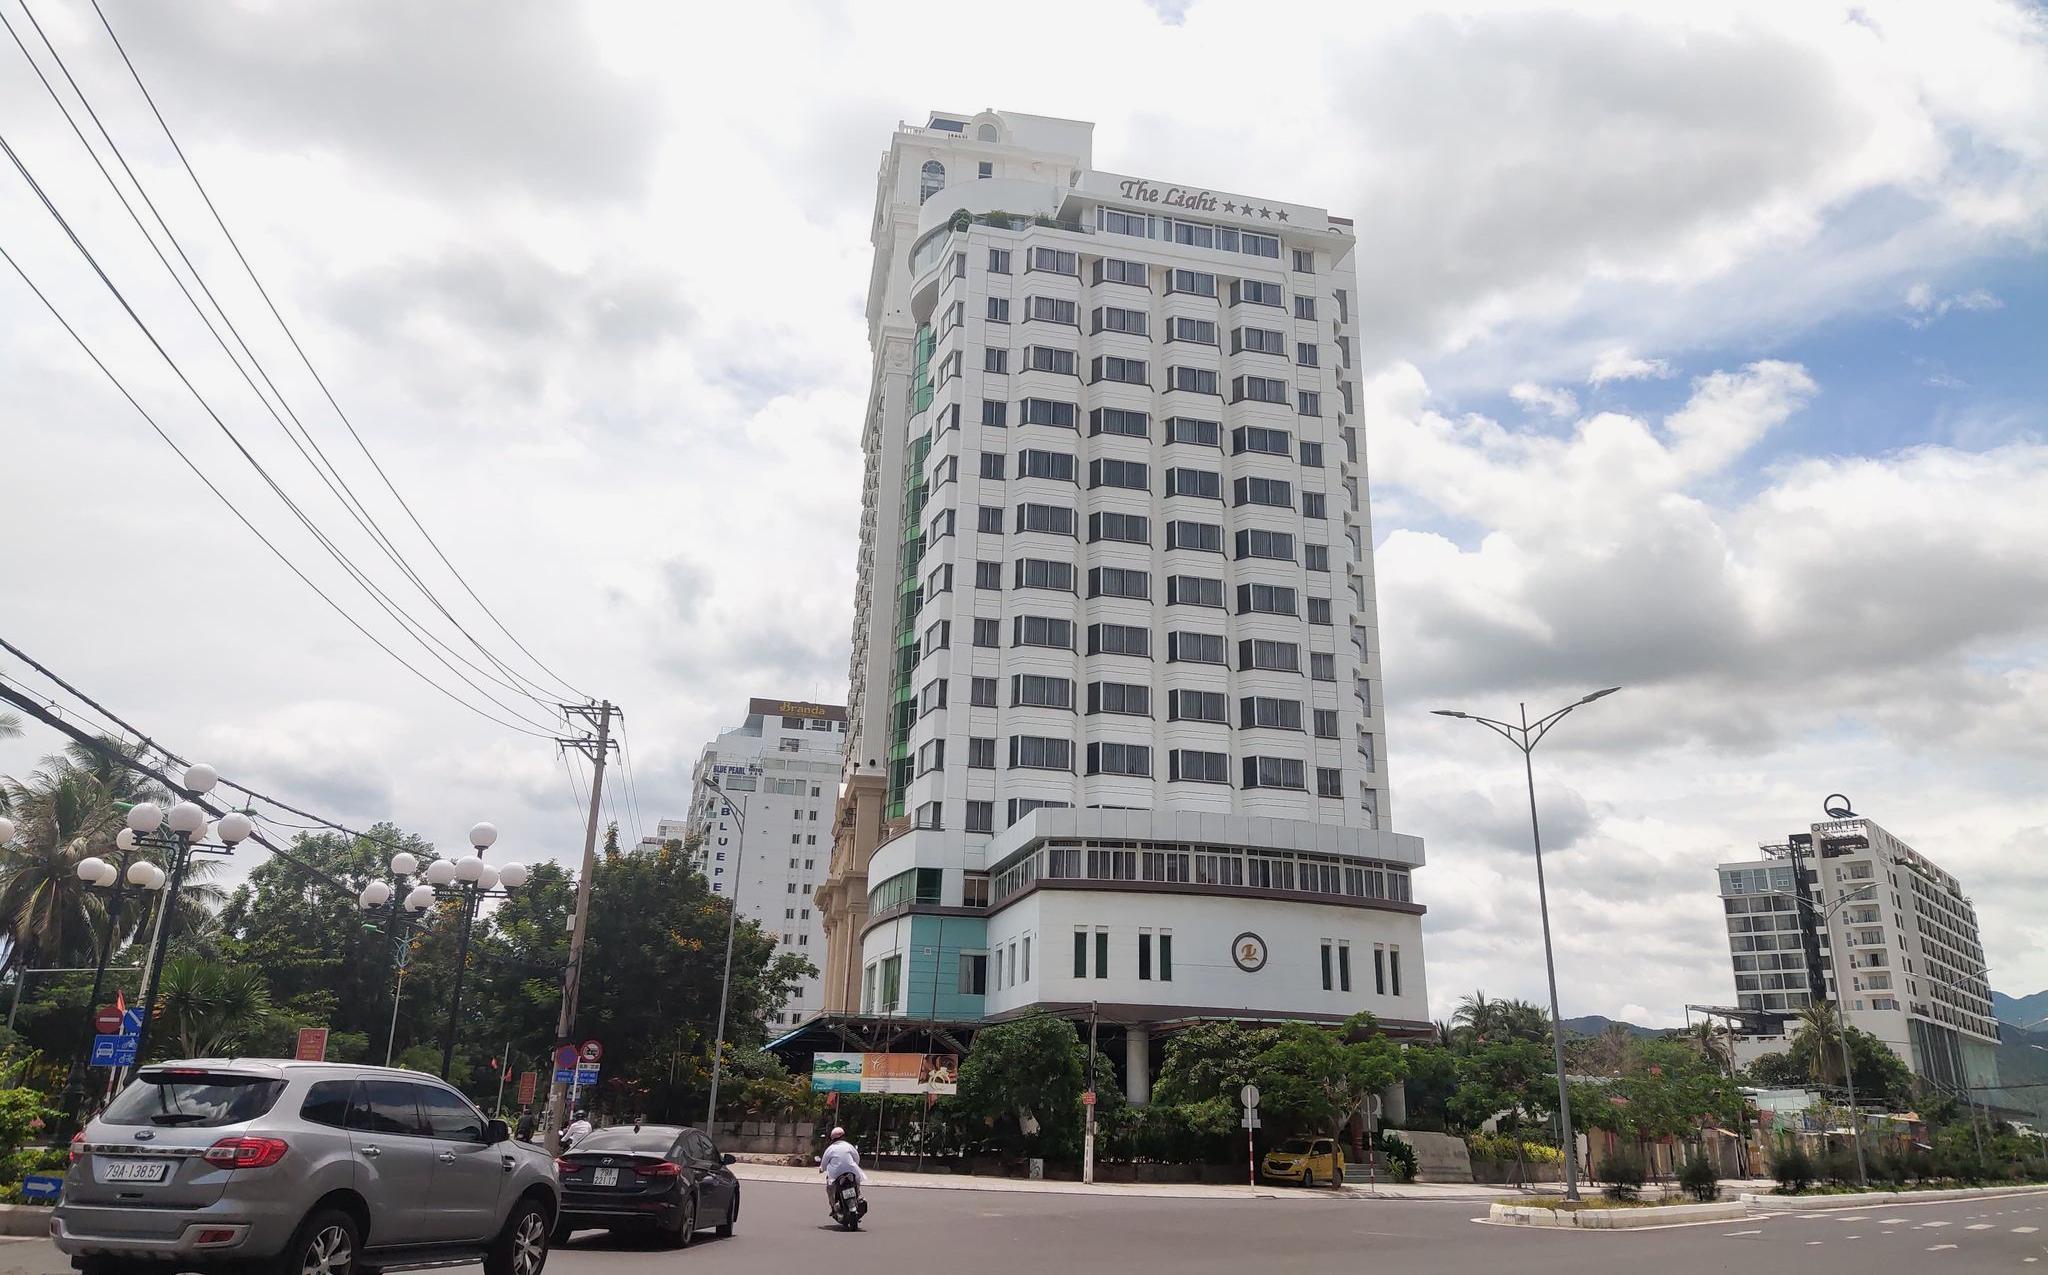 Nha Trang: Hàng loạt dự án khách sạn, cao ốc 'bất động' chờ qui hoạch mới - Ảnh 3.